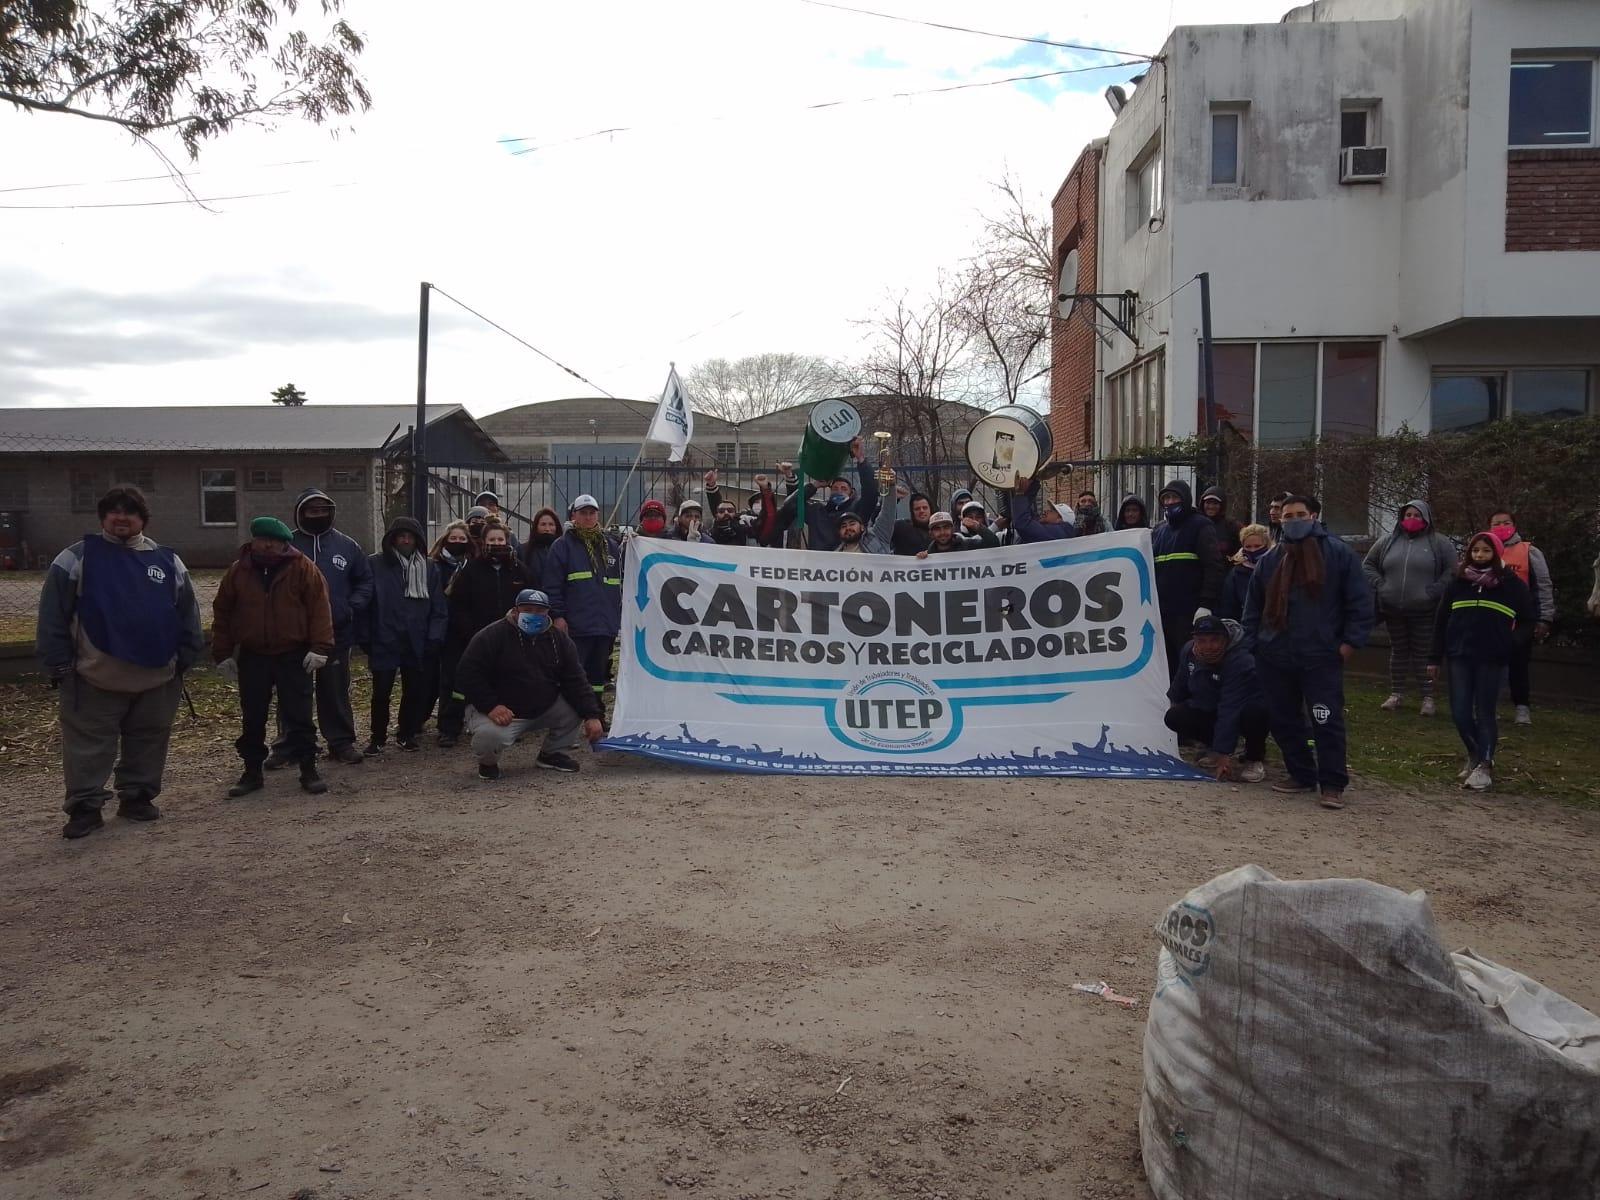 La Municipalidad denunció a los manifestantes por el corte en el acceso al predio del EMSUR